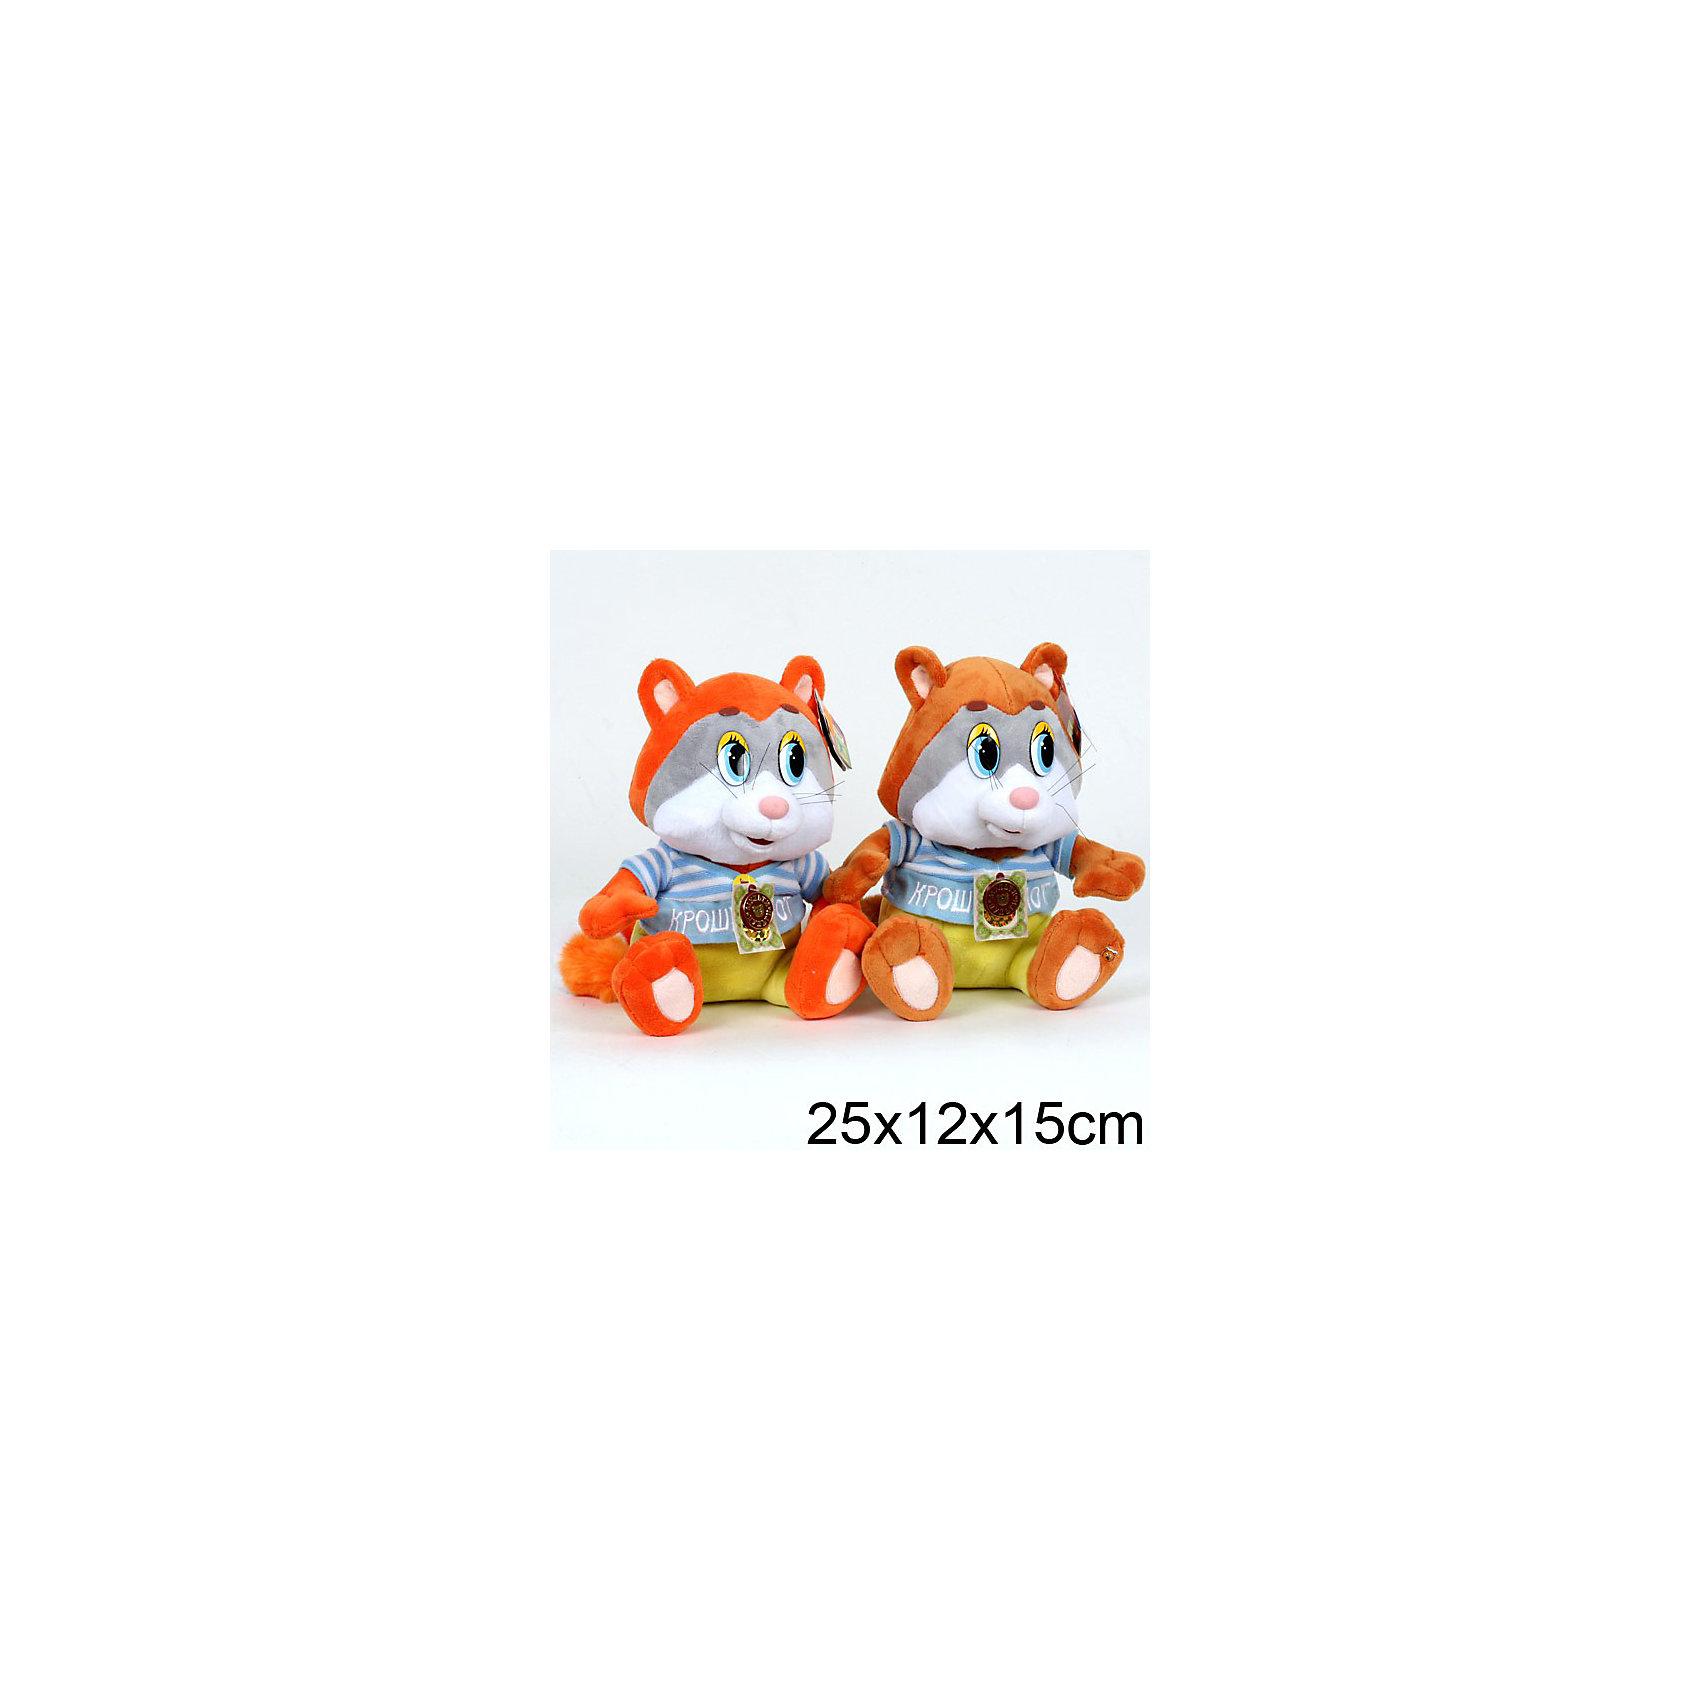 МУЛЬТИ-ПУЛЬТИ Мягкая игрушка Крошка Енот, 25 см, МУЛЬТИ-ПУЛЬТИ мульти пульти мягкая игрушка серый мышонок 23 см со звуком кот леопольд мульти пульти